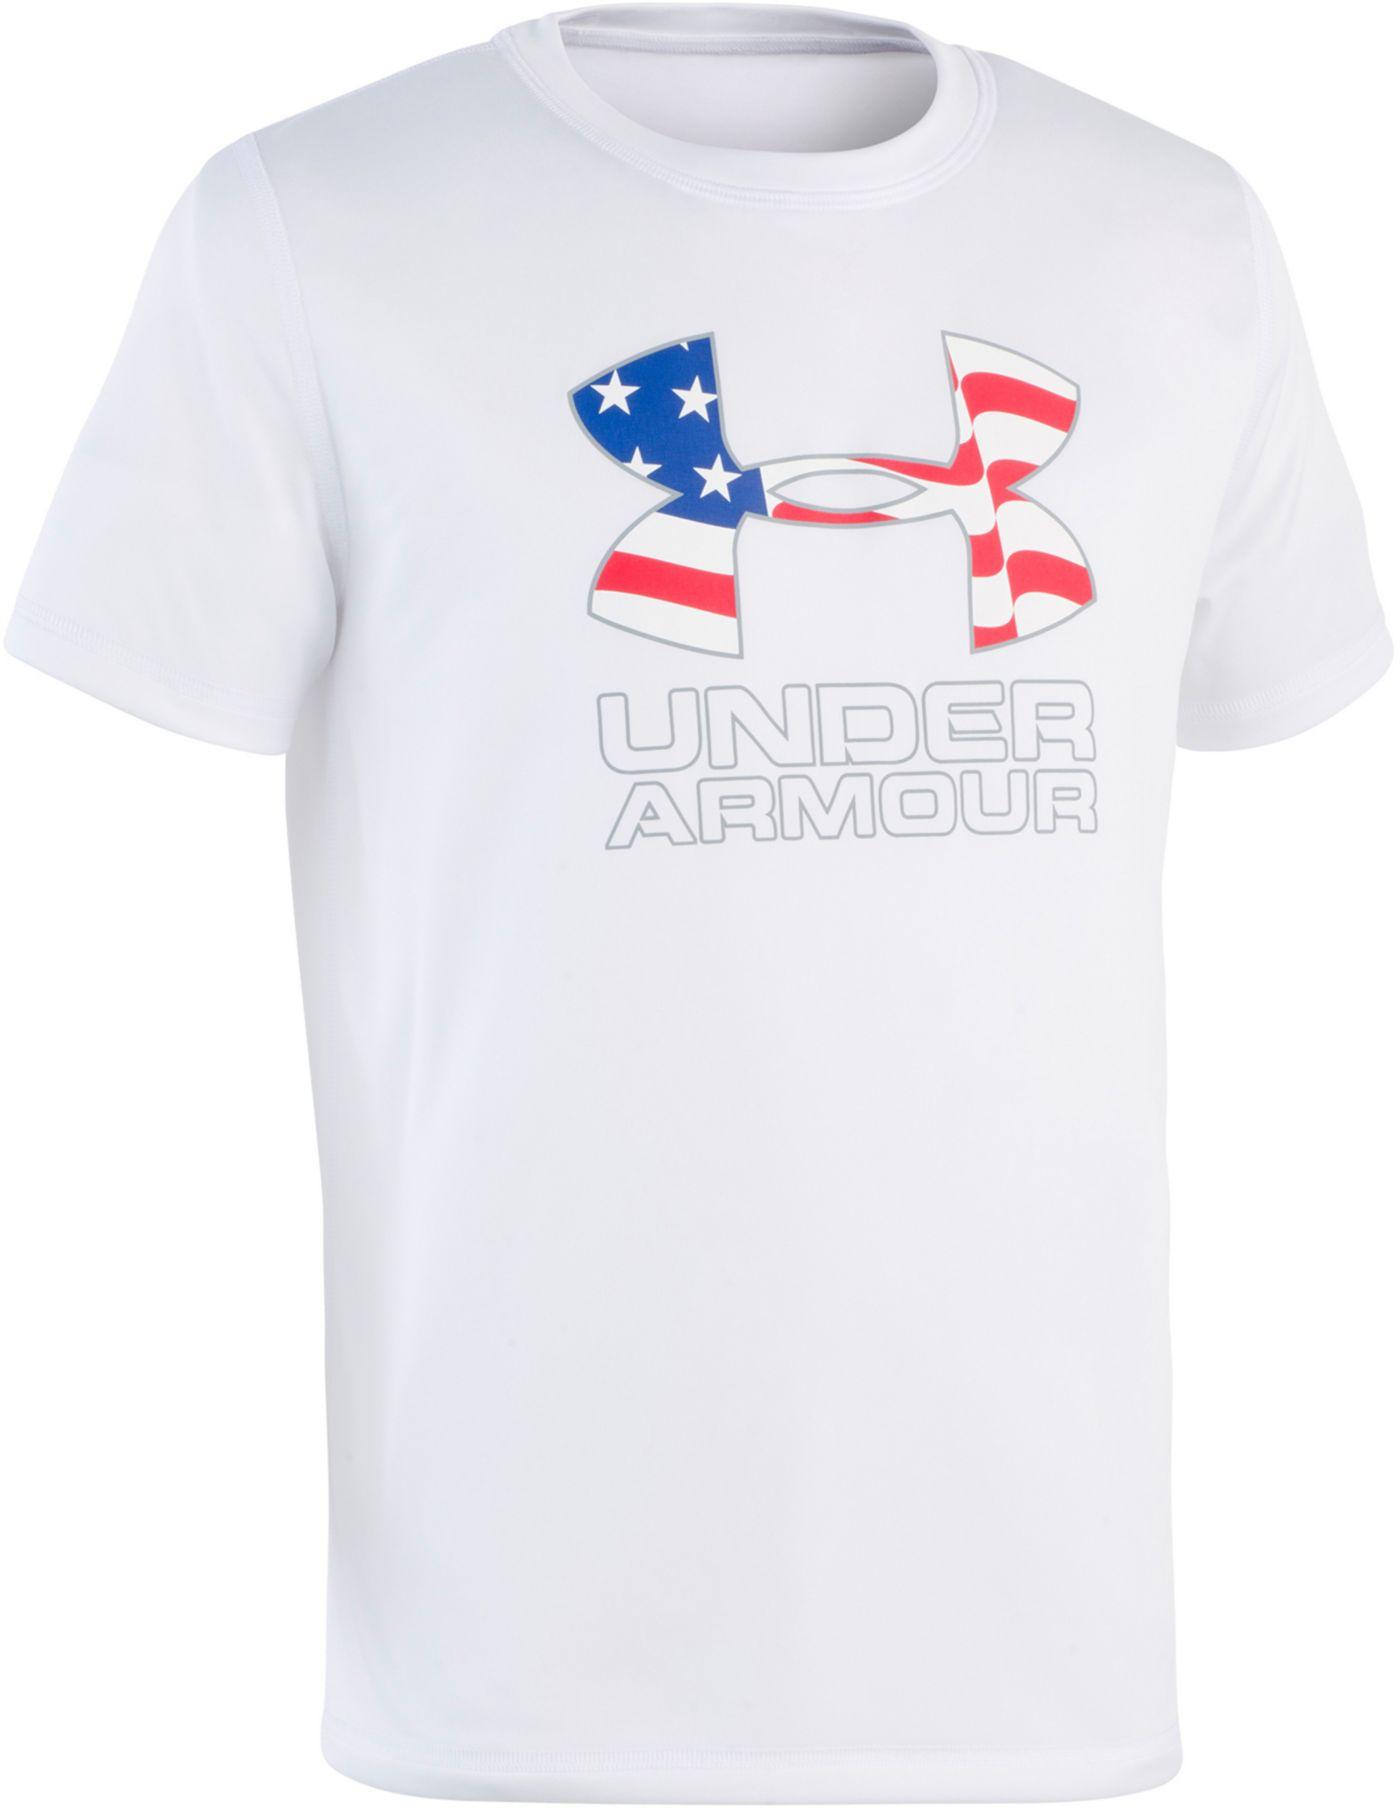 Under Armour Boys' Americana Logo Short Sleeve Rash Guard